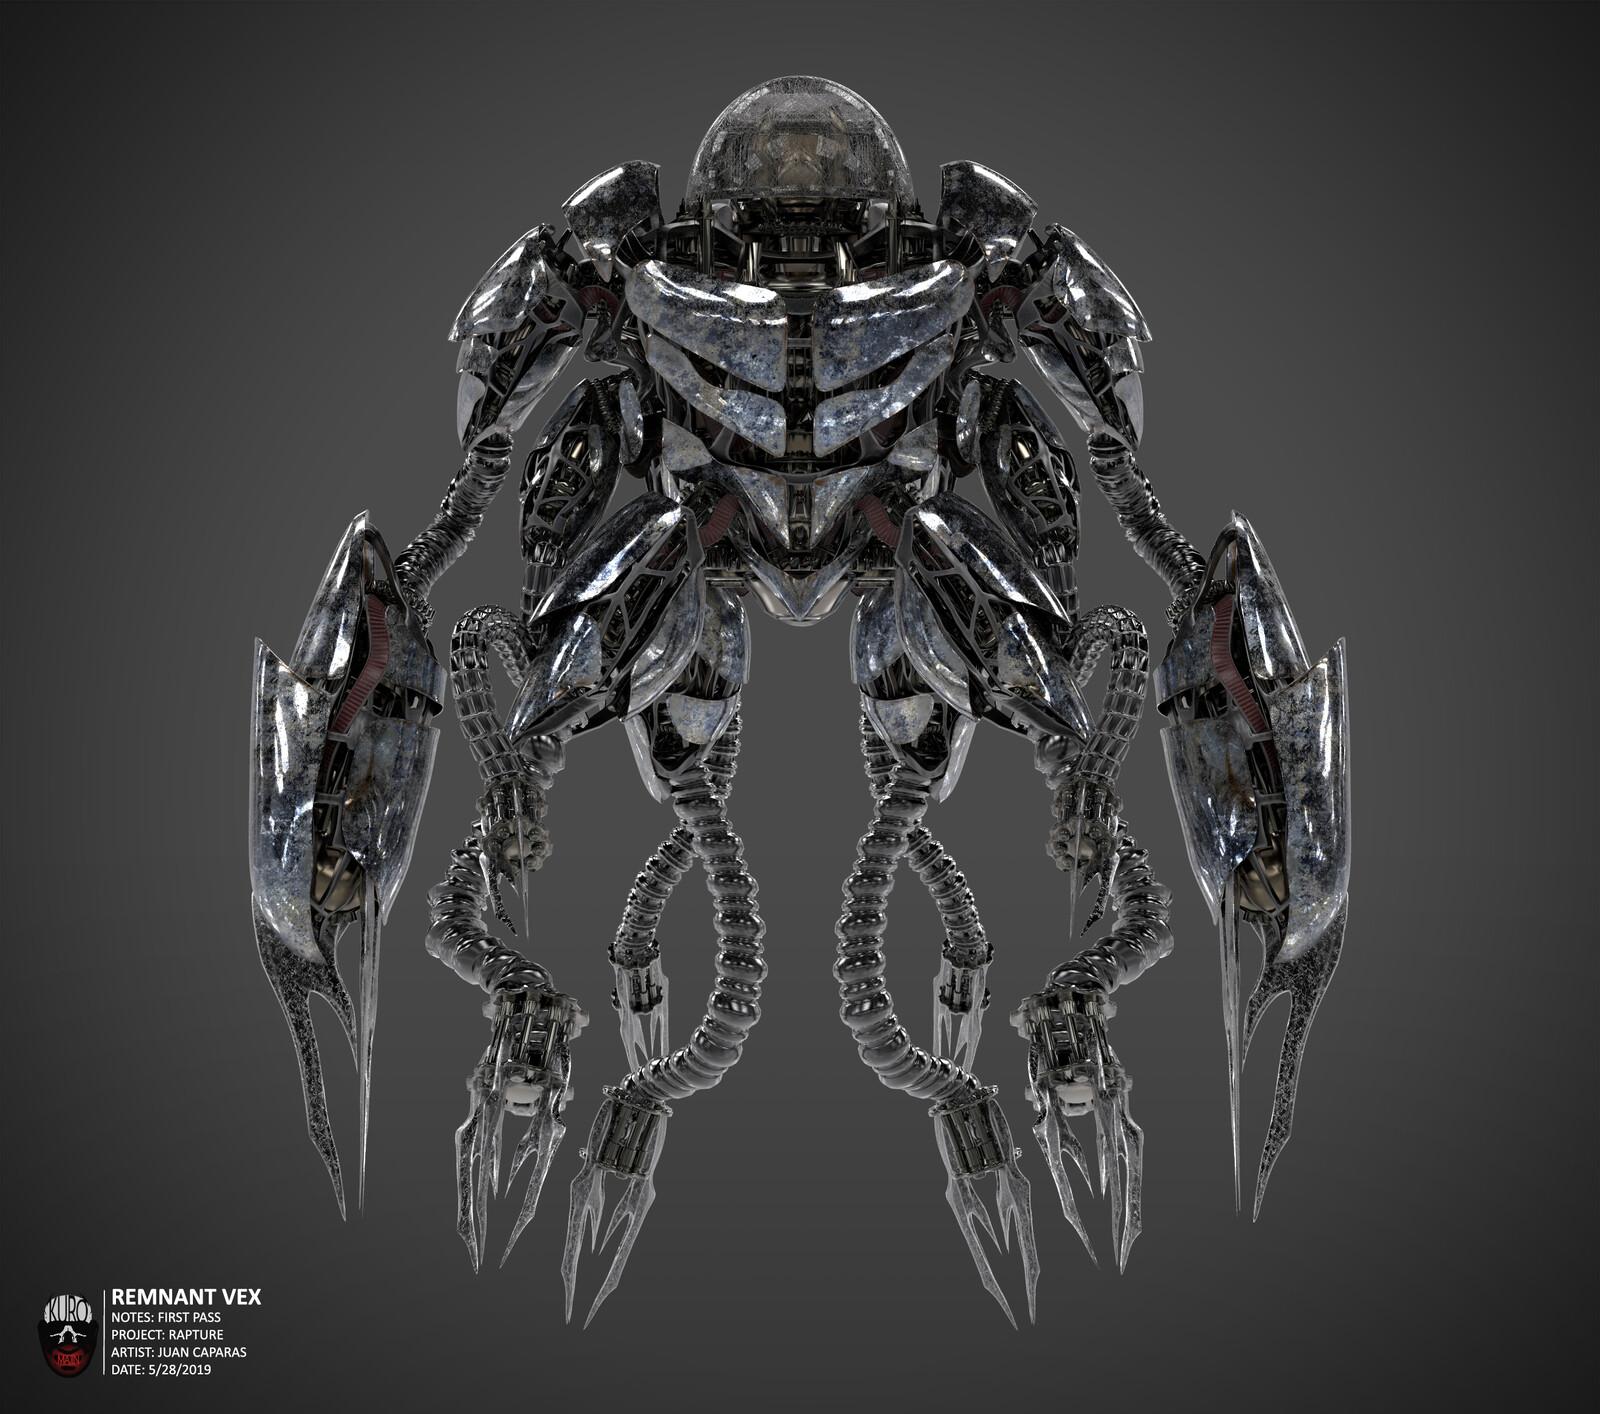 Remnant Vex Concept | Kuro Majin Productions